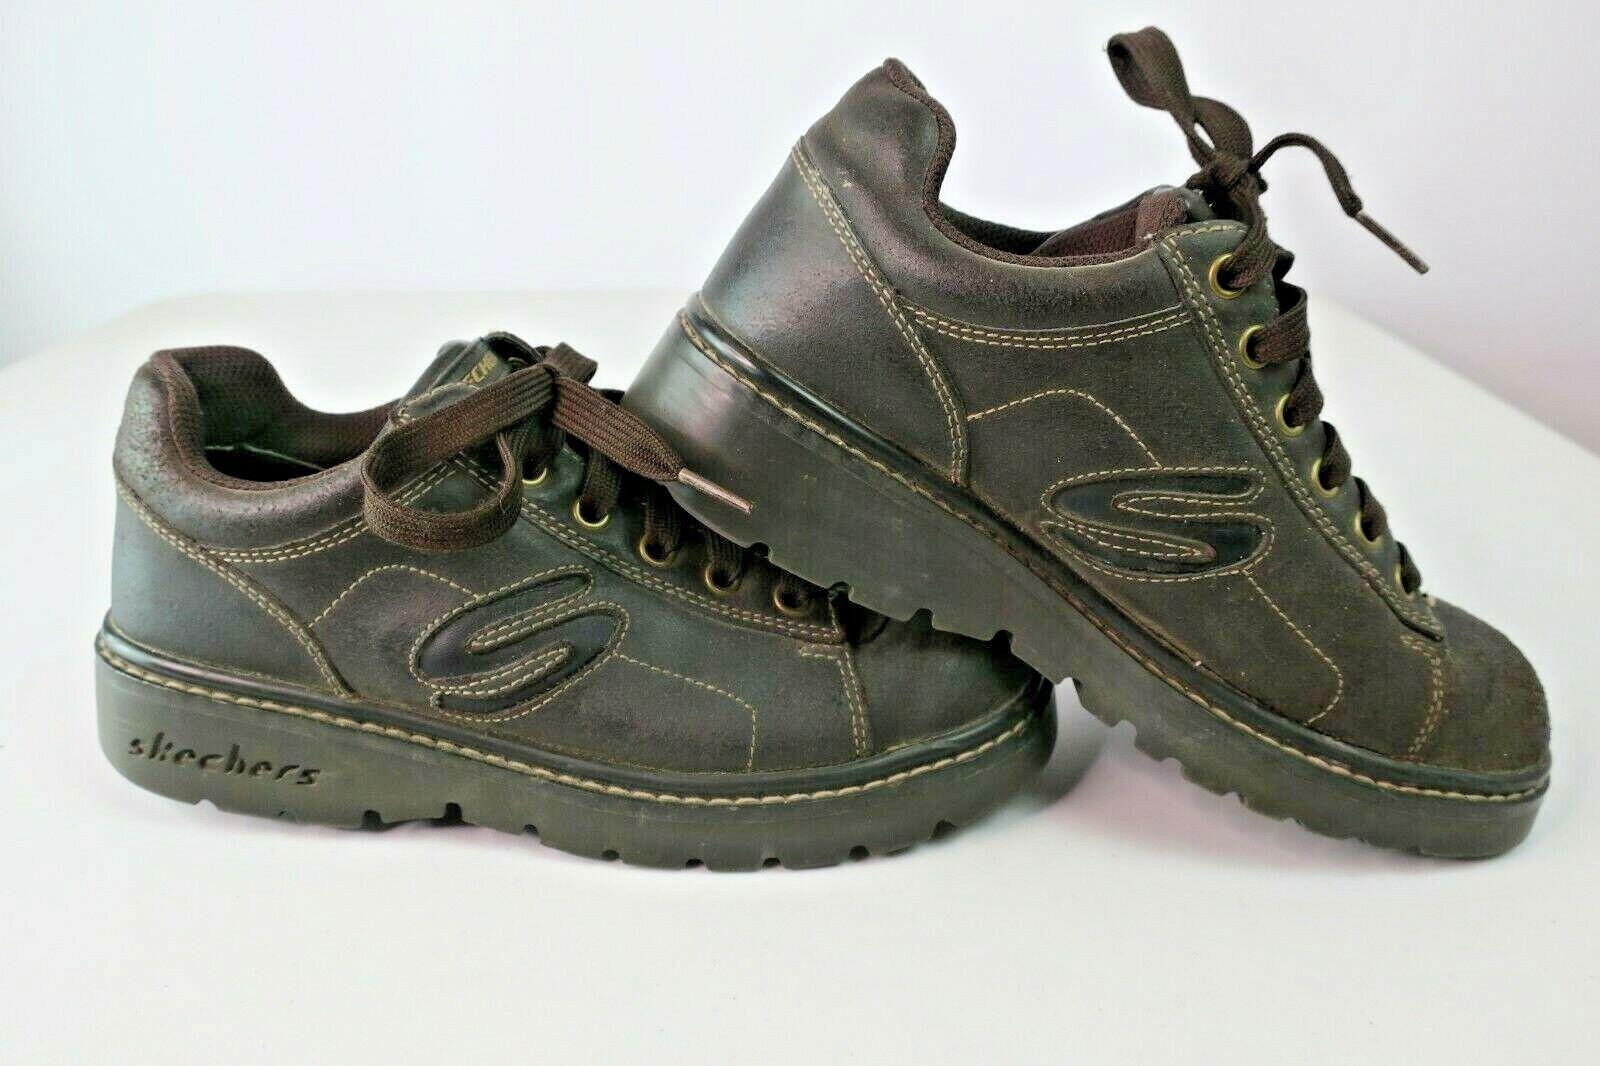 Vintage 90s Marrón Cuero Skechers mujer 7.5 botas Con Cordones Suela del estirón Spice Girls